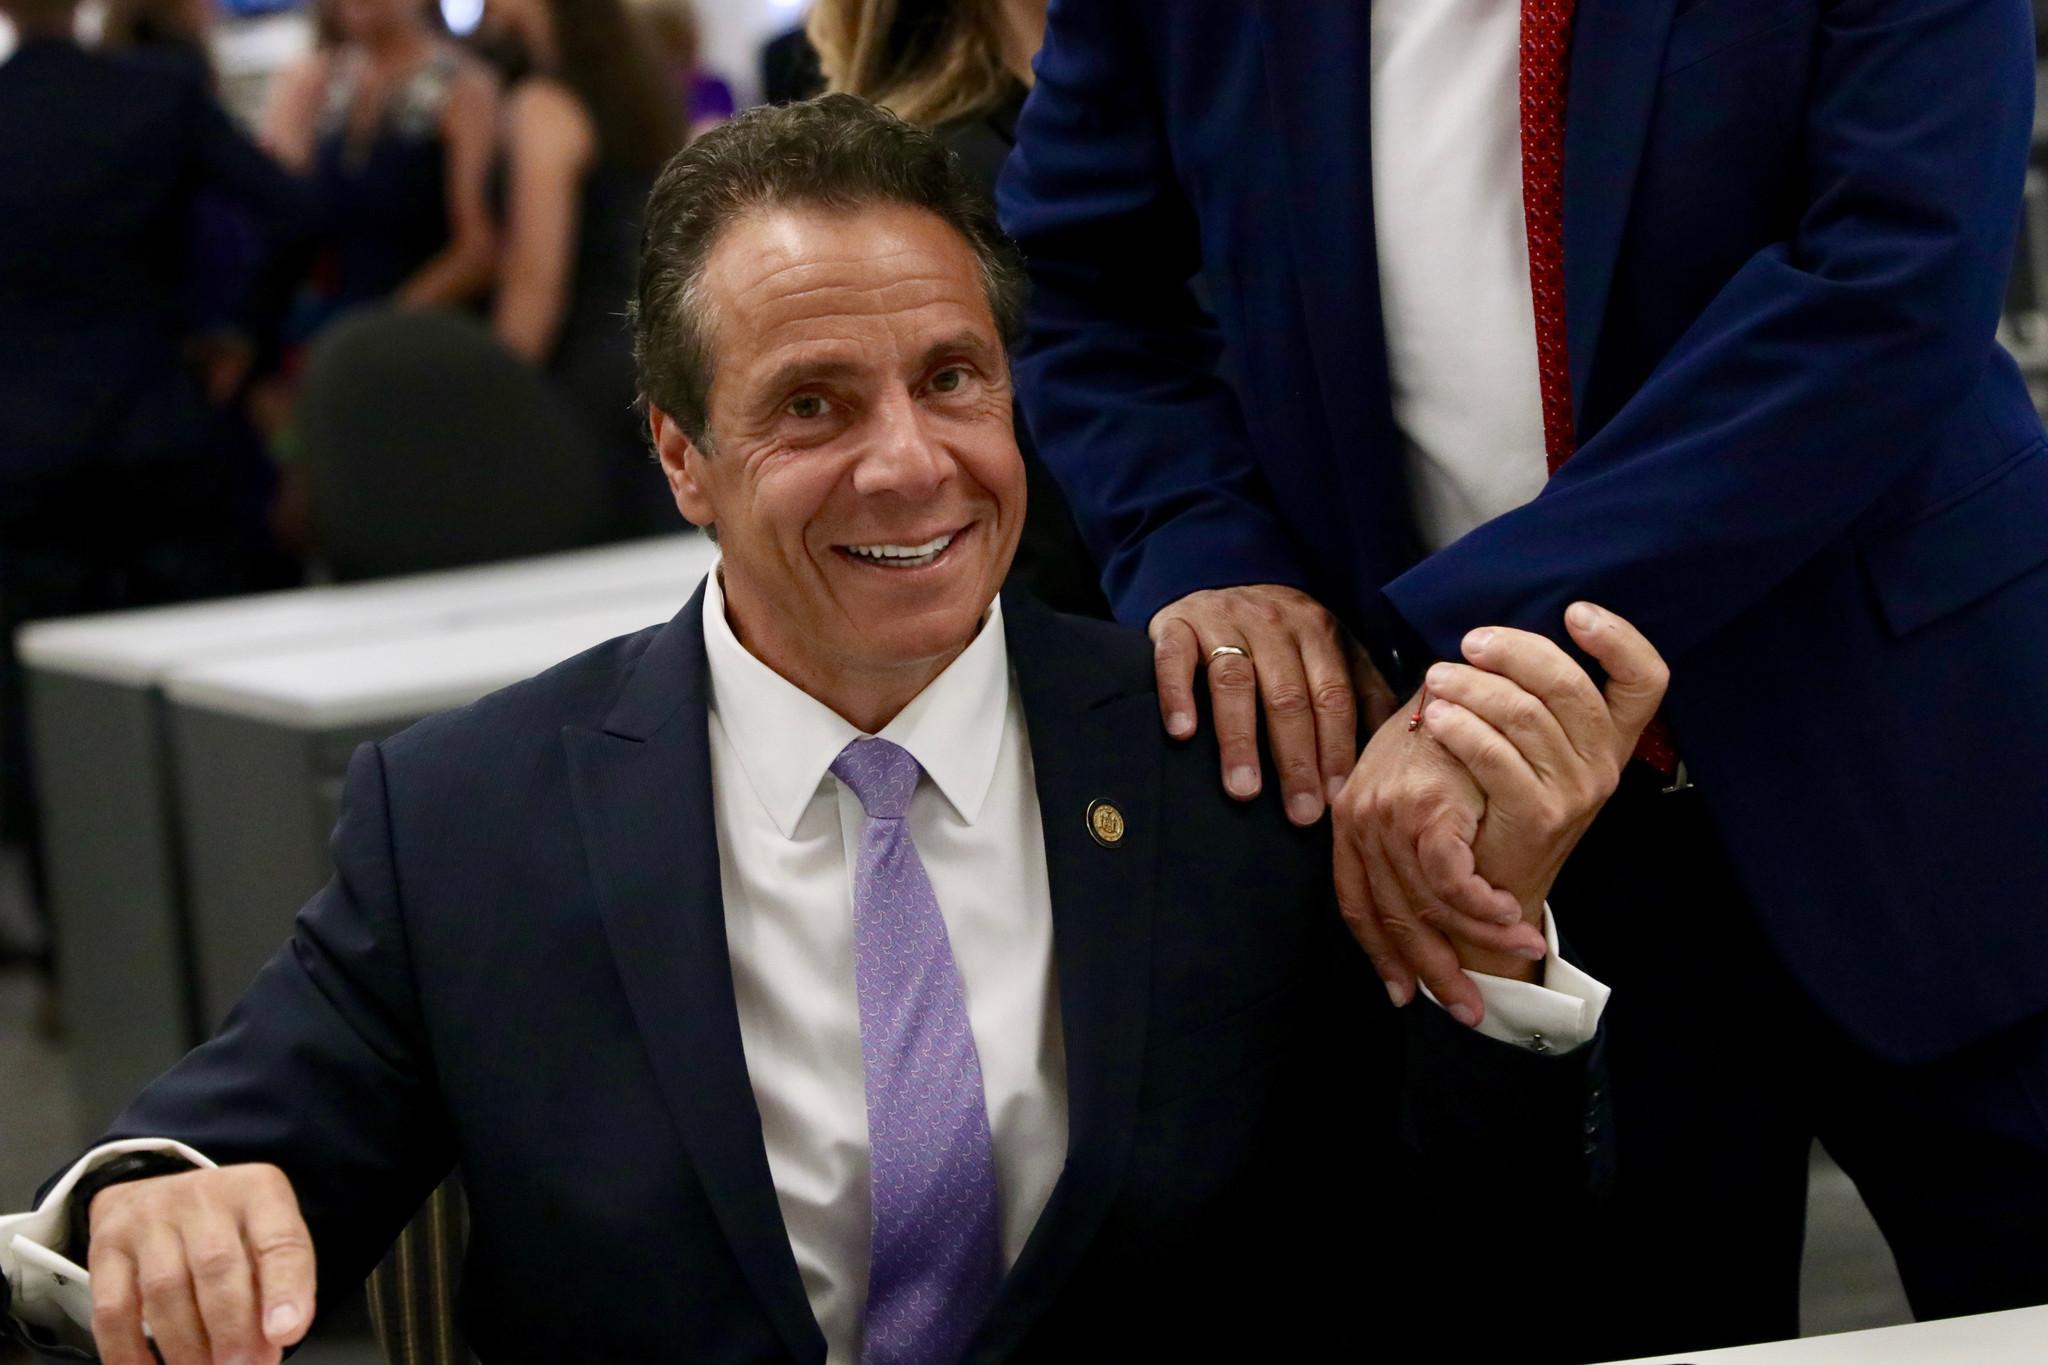 Cuomo raises $4.5 million for campaign war chest as Senate Democrats rake in dough